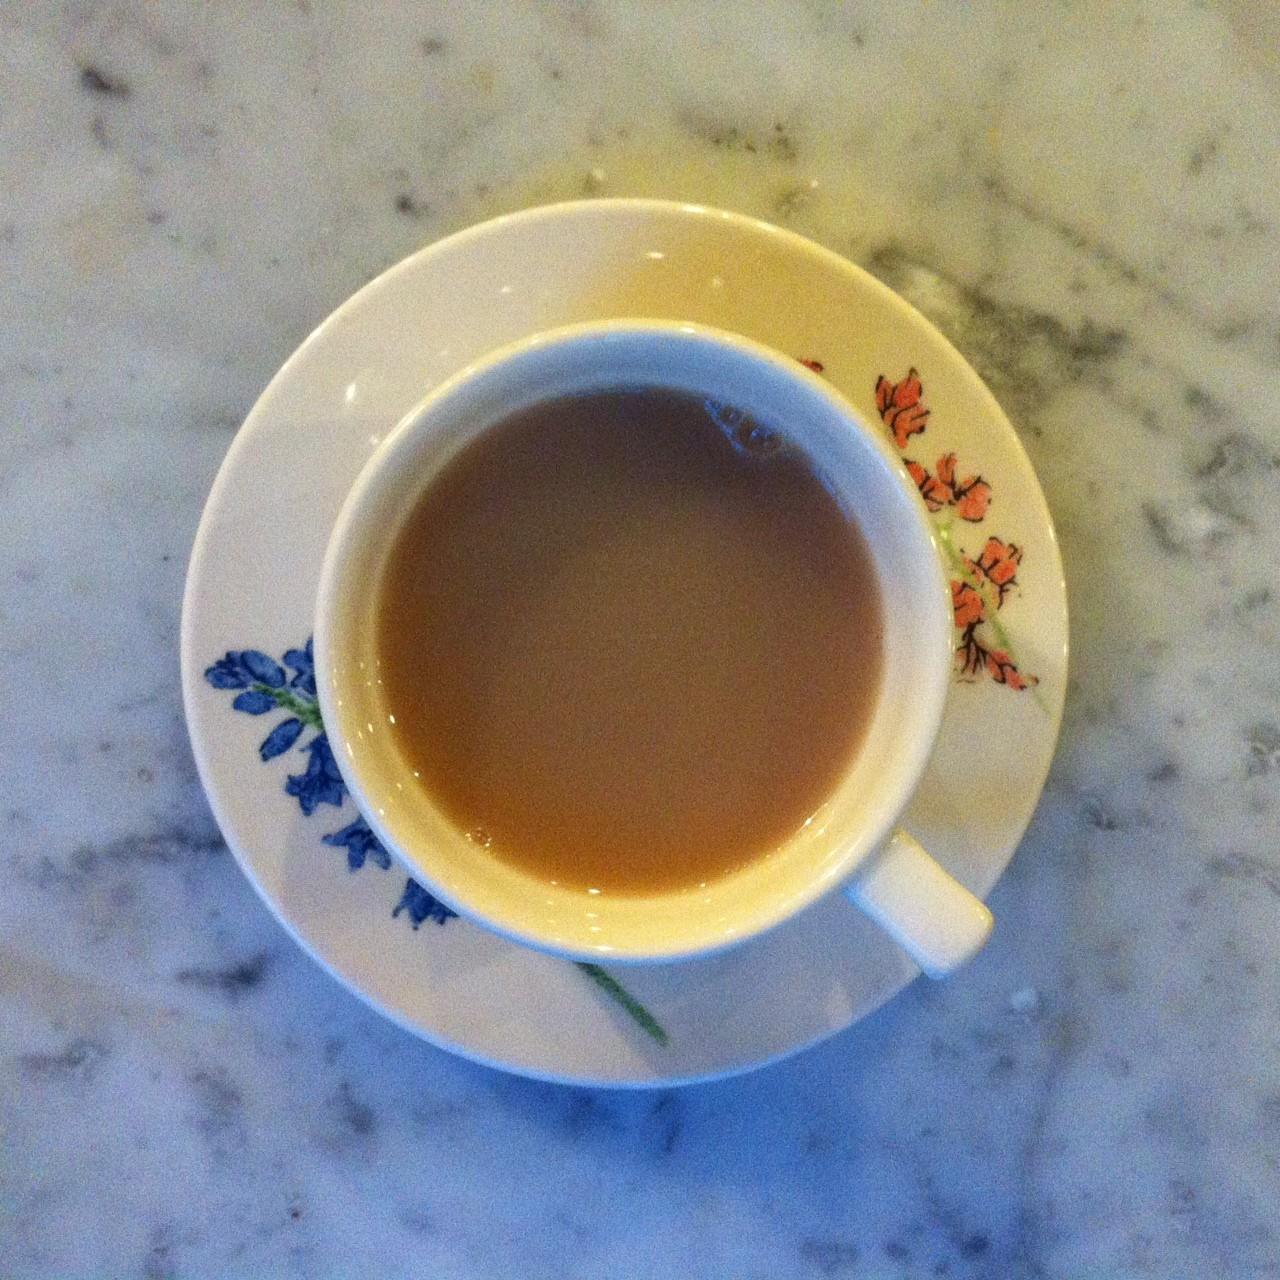 Suki tea in lovely Liberty teacups